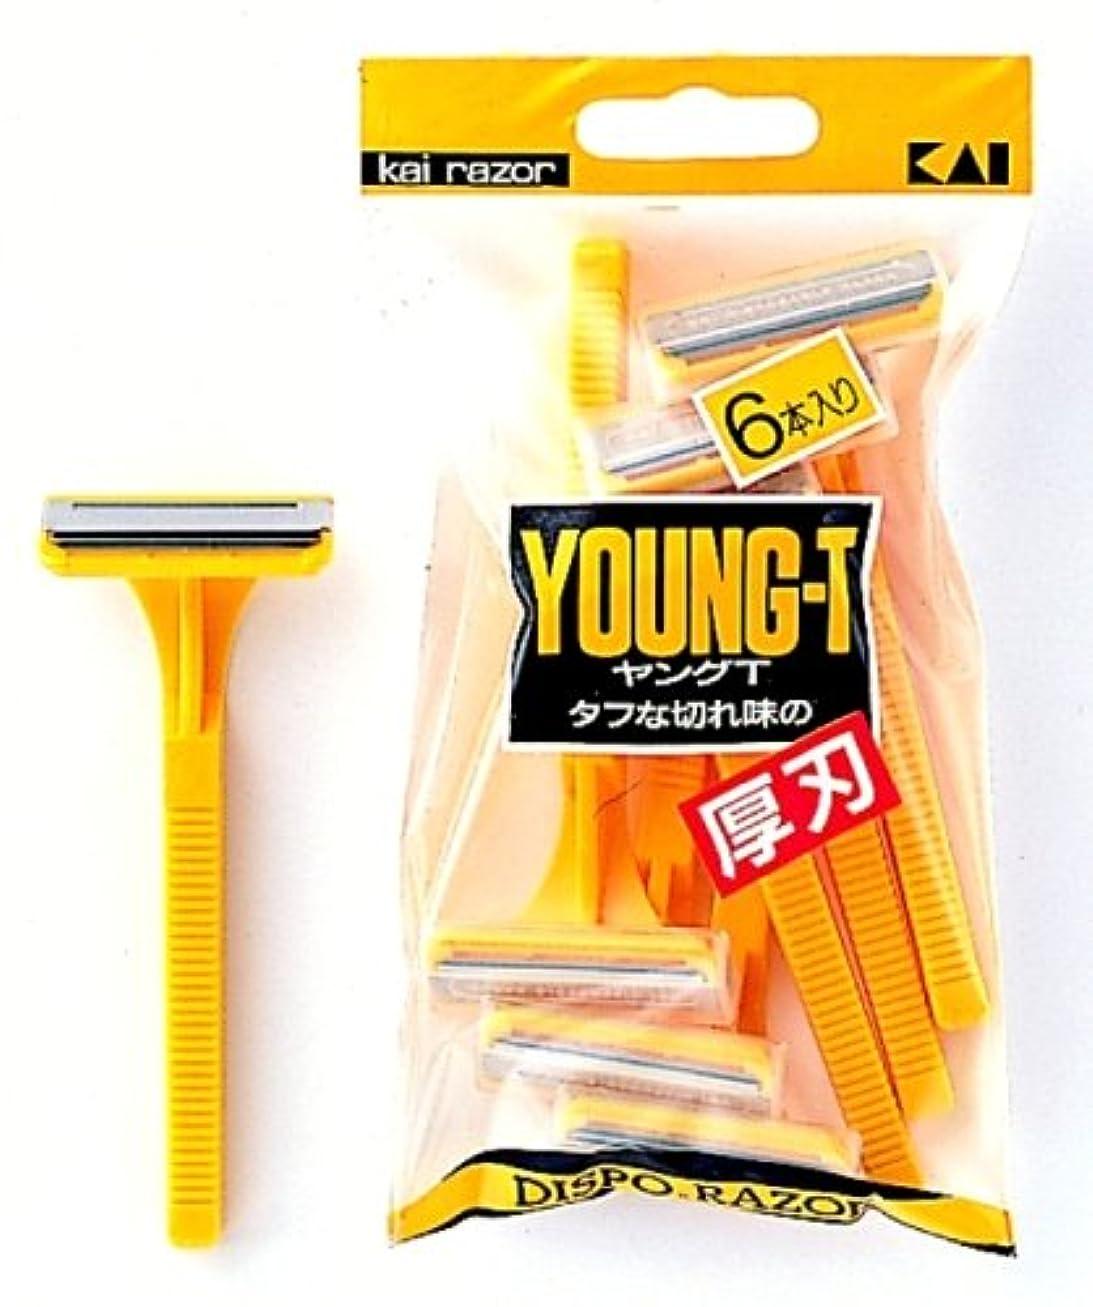 ぬるい強化石鹸ヤングT-6本入